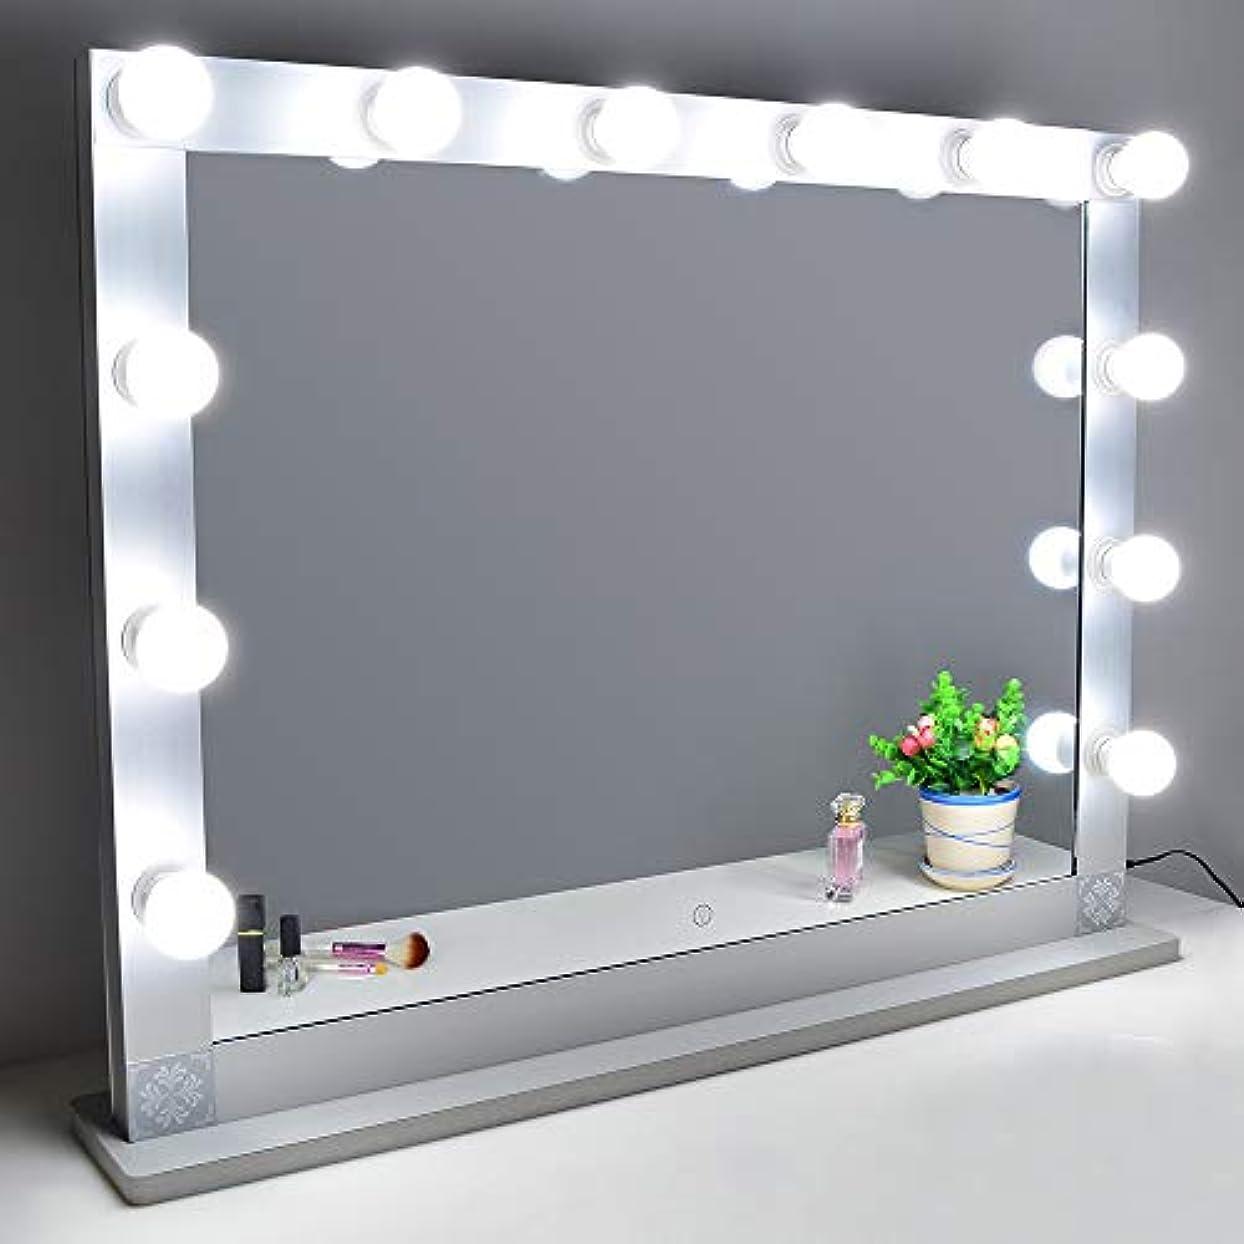 手を差し伸べる衛星半ばNitin 女優ミラー 大型化粧鏡 ハリウッドミラー 12個LED電球付き 無段階調光 スタンド付き USB差込口付き 卓上ミラー 女優ライト ドレッサー/化粧台に適用(85*66.5cm)